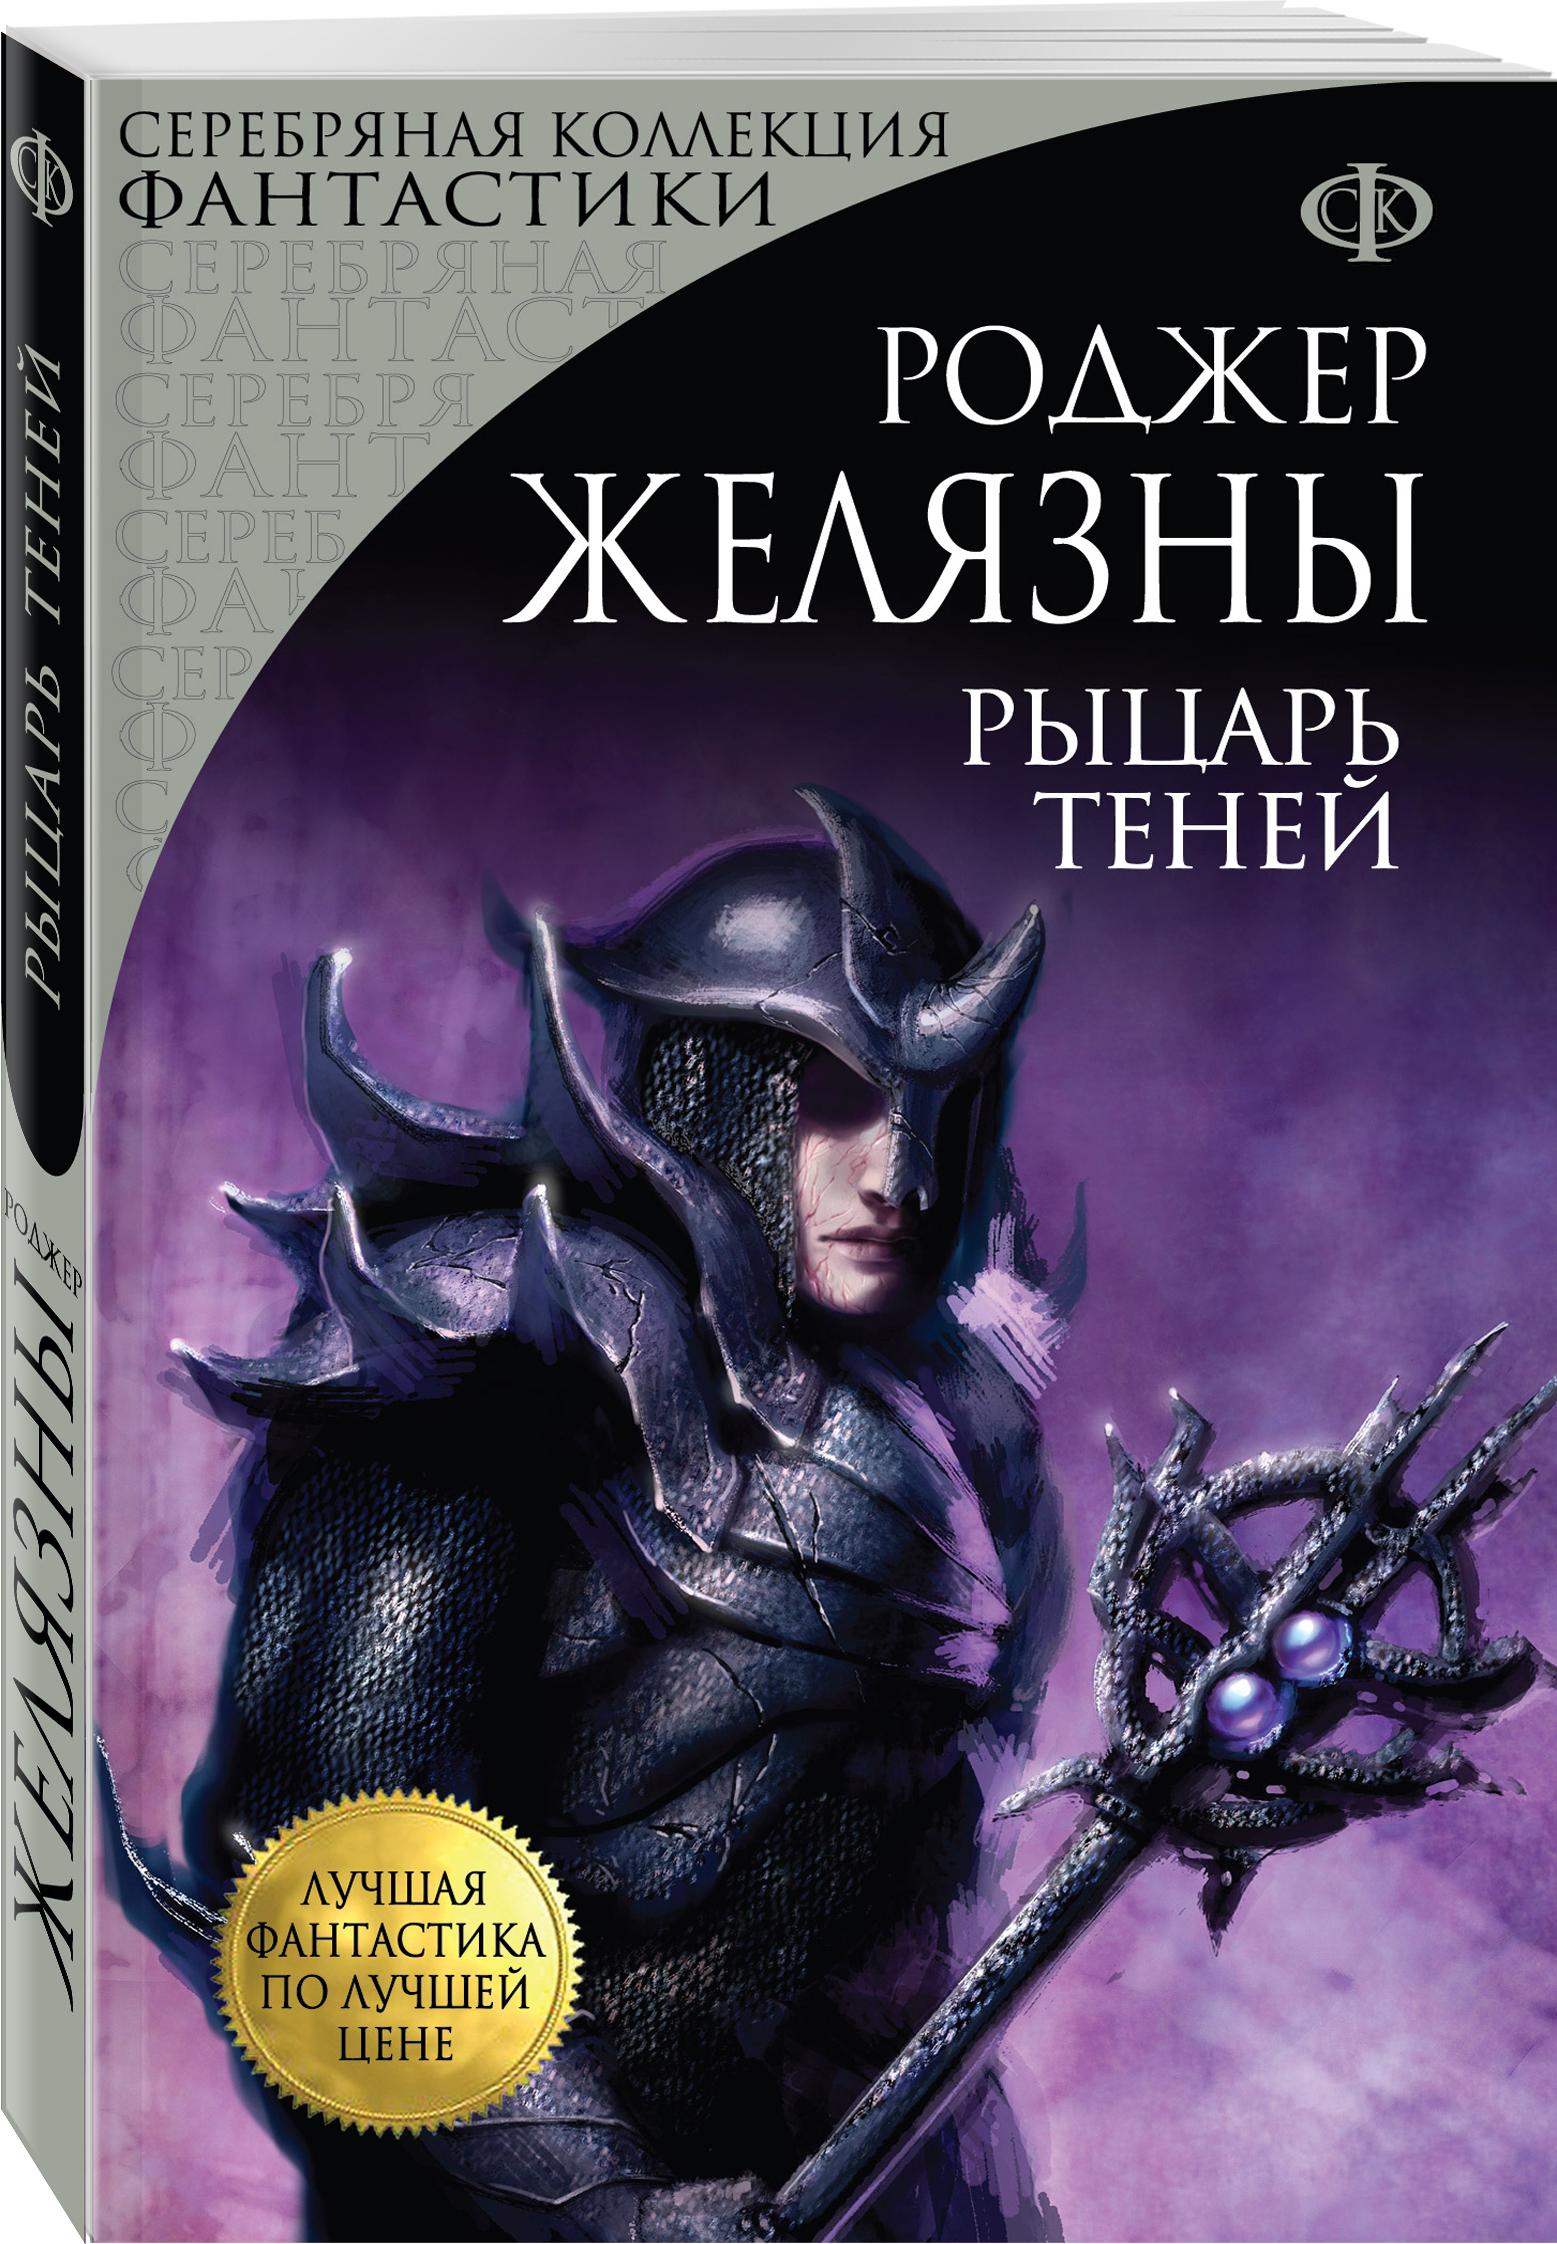 Желязны Р. Рыцарь Теней кидд р остров призраков